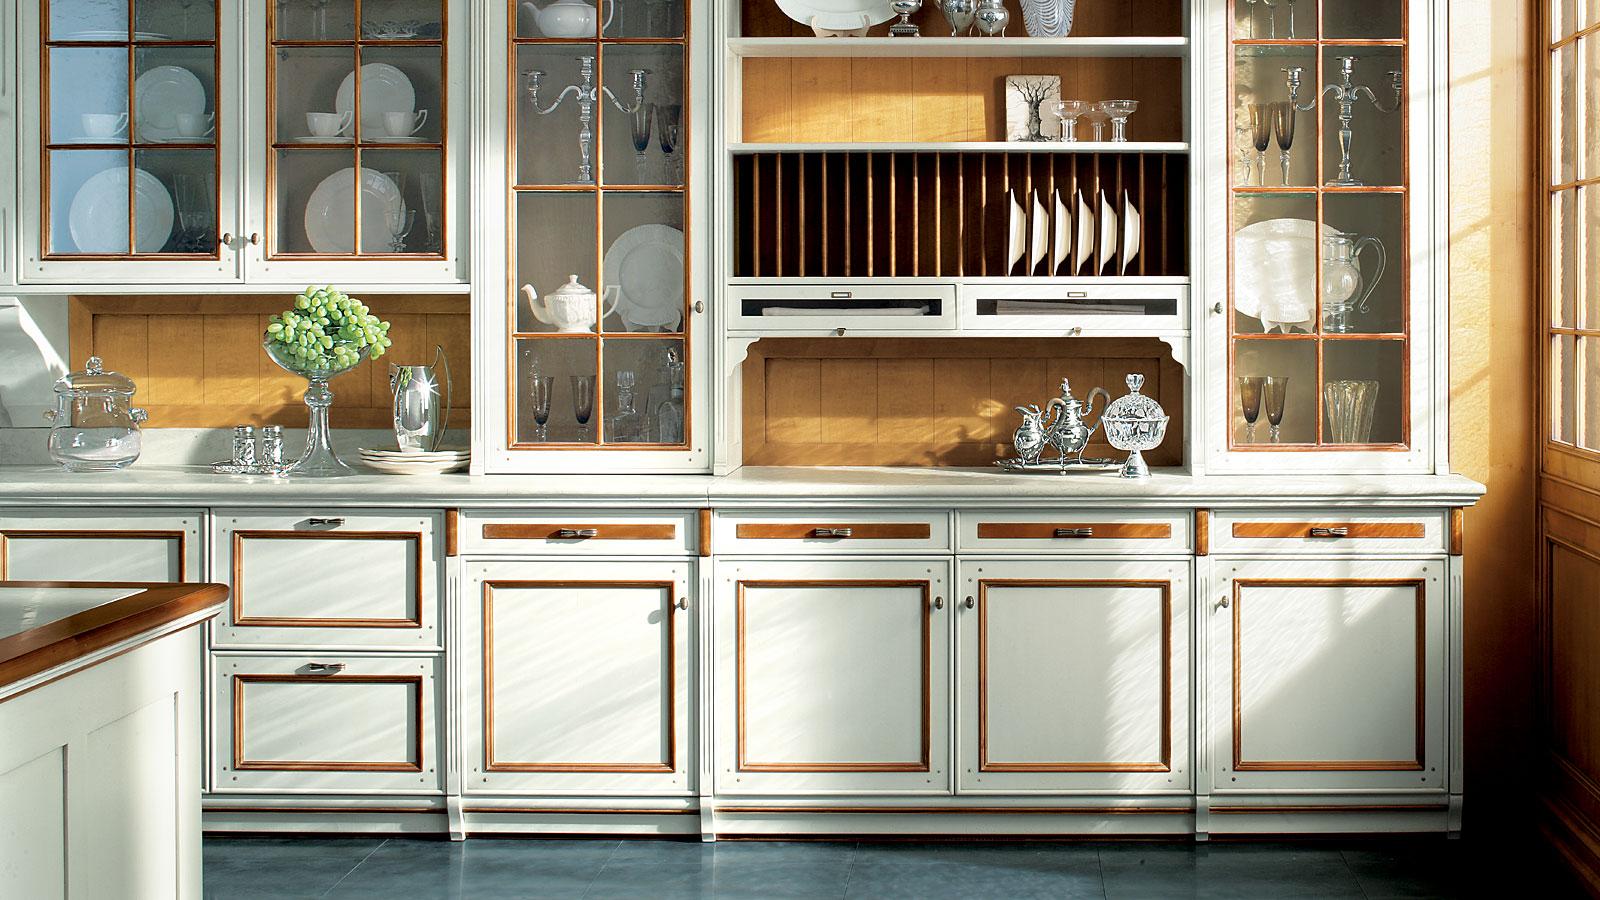 jolie-idée-de-conception-de-cuisine-classique-avec-italien-classique